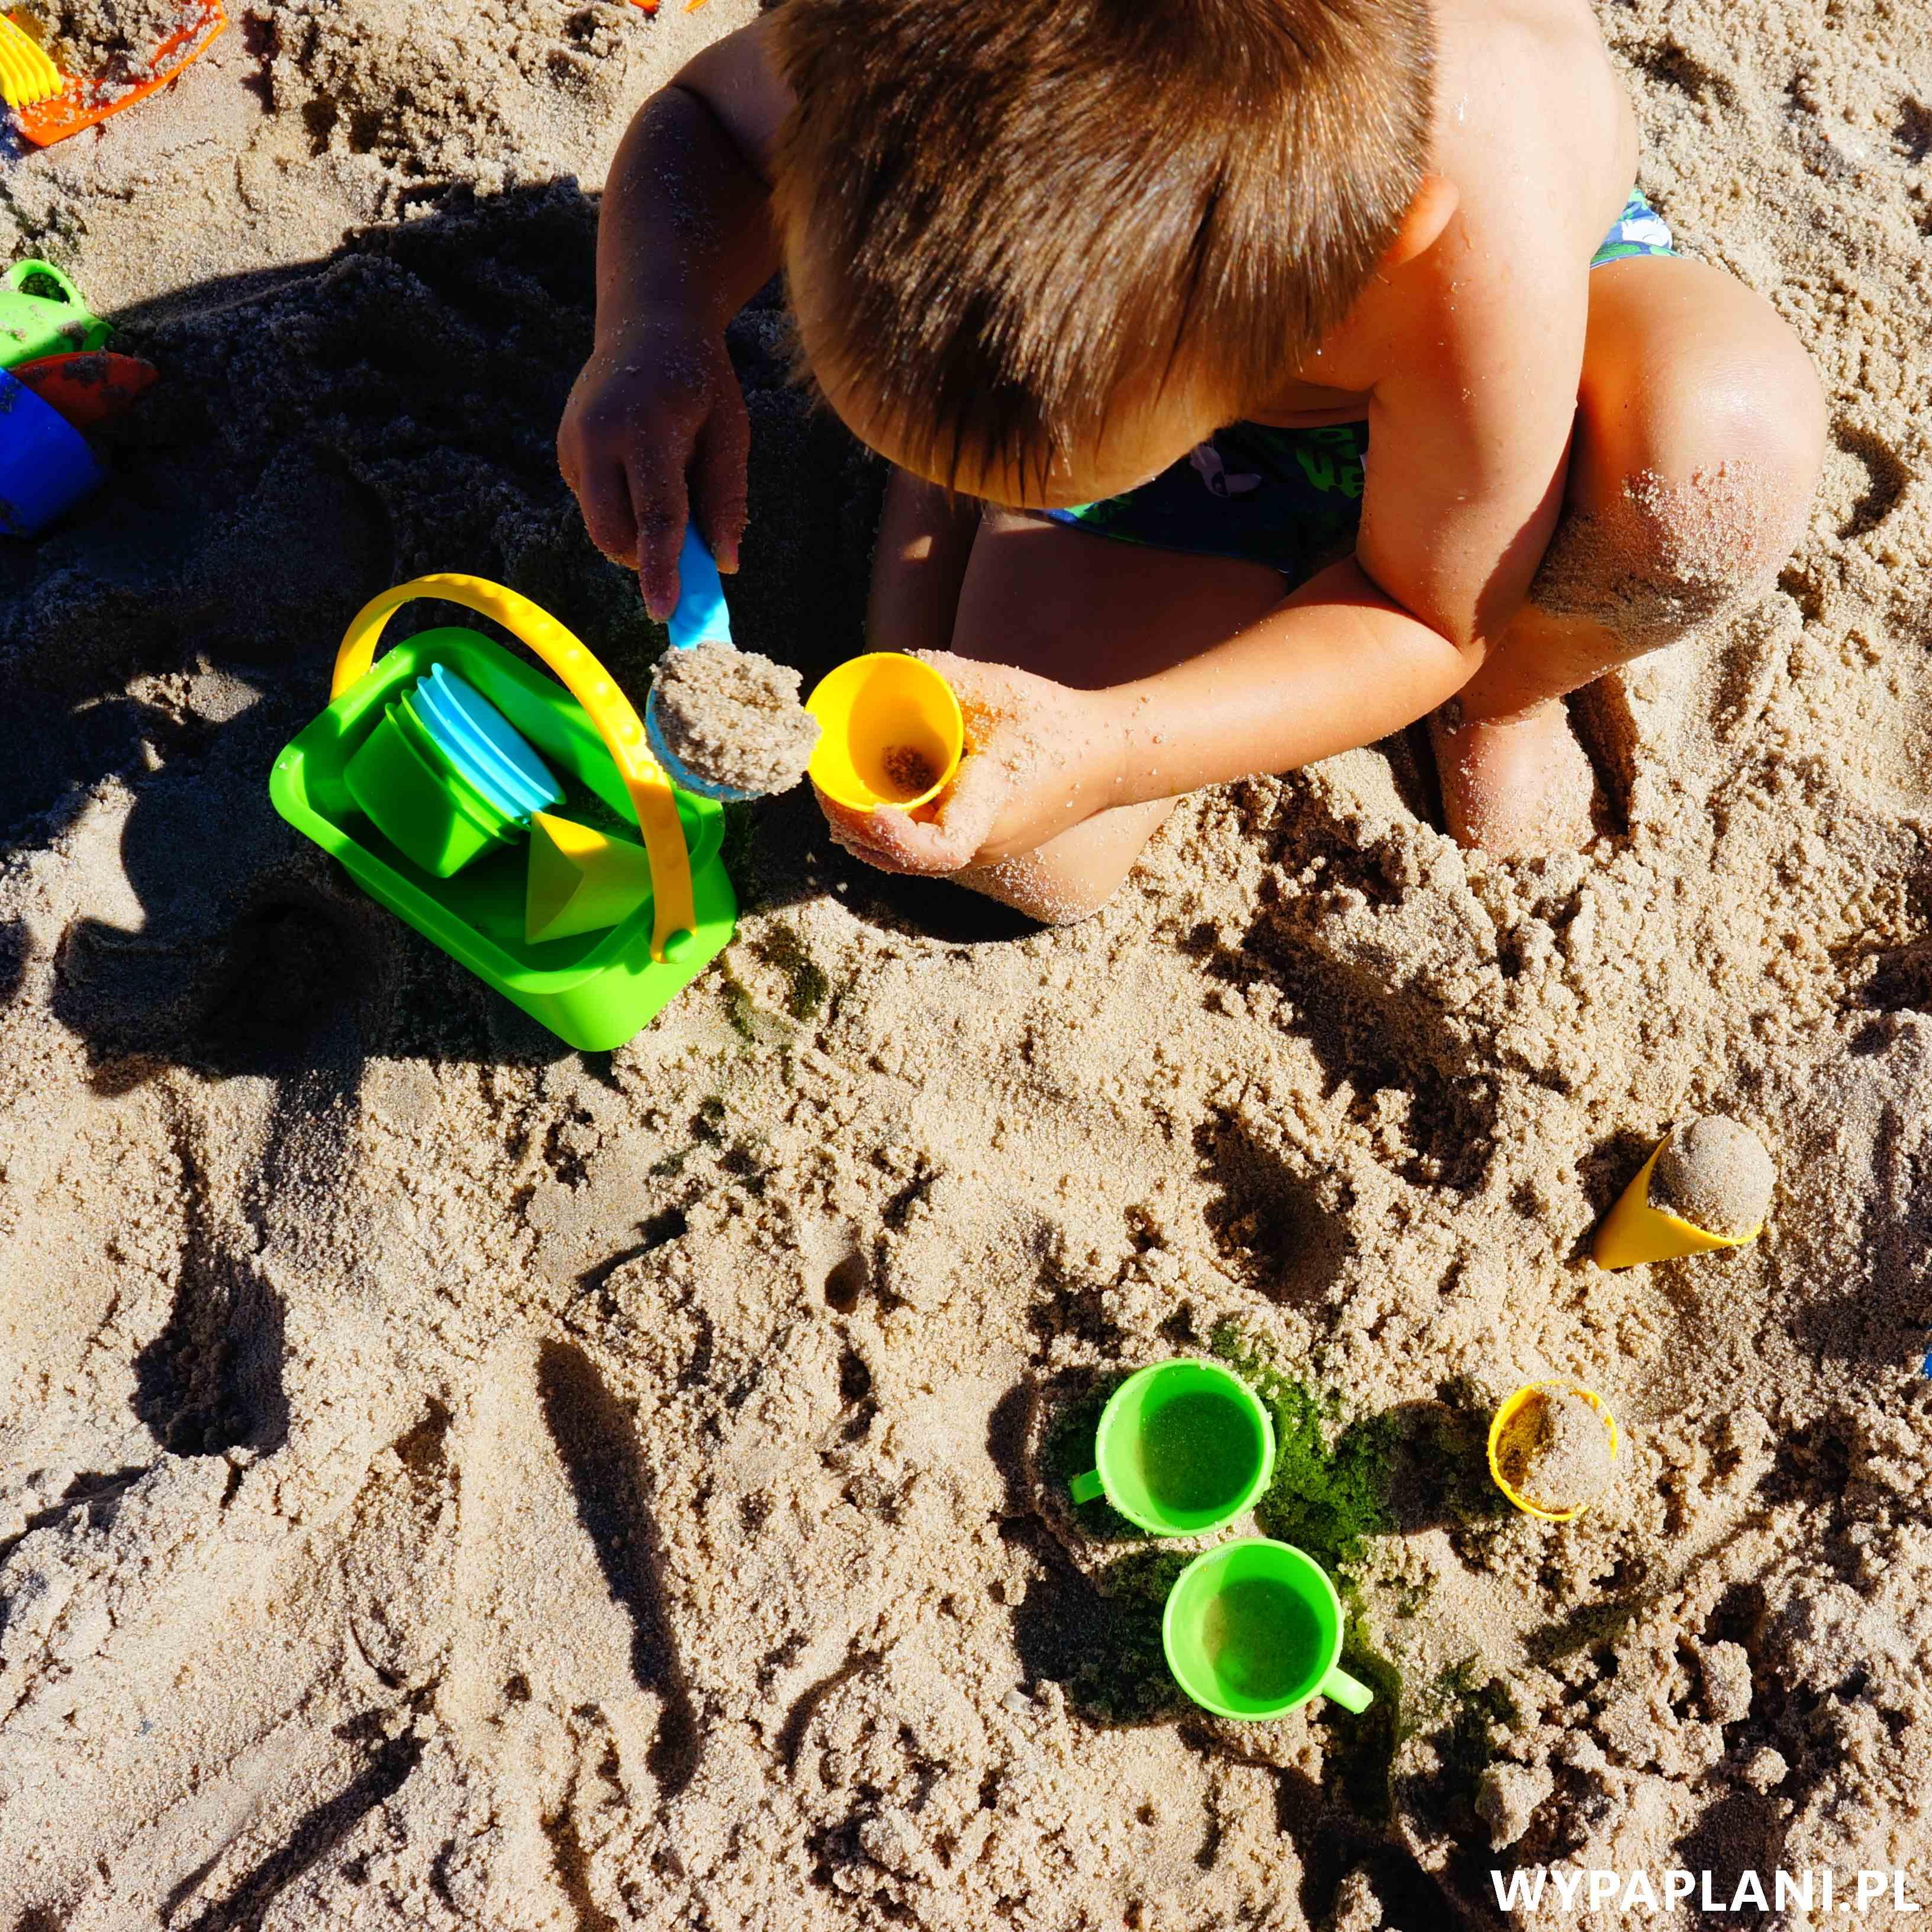 005_top zabawki do piasku piaskownicy na plażę